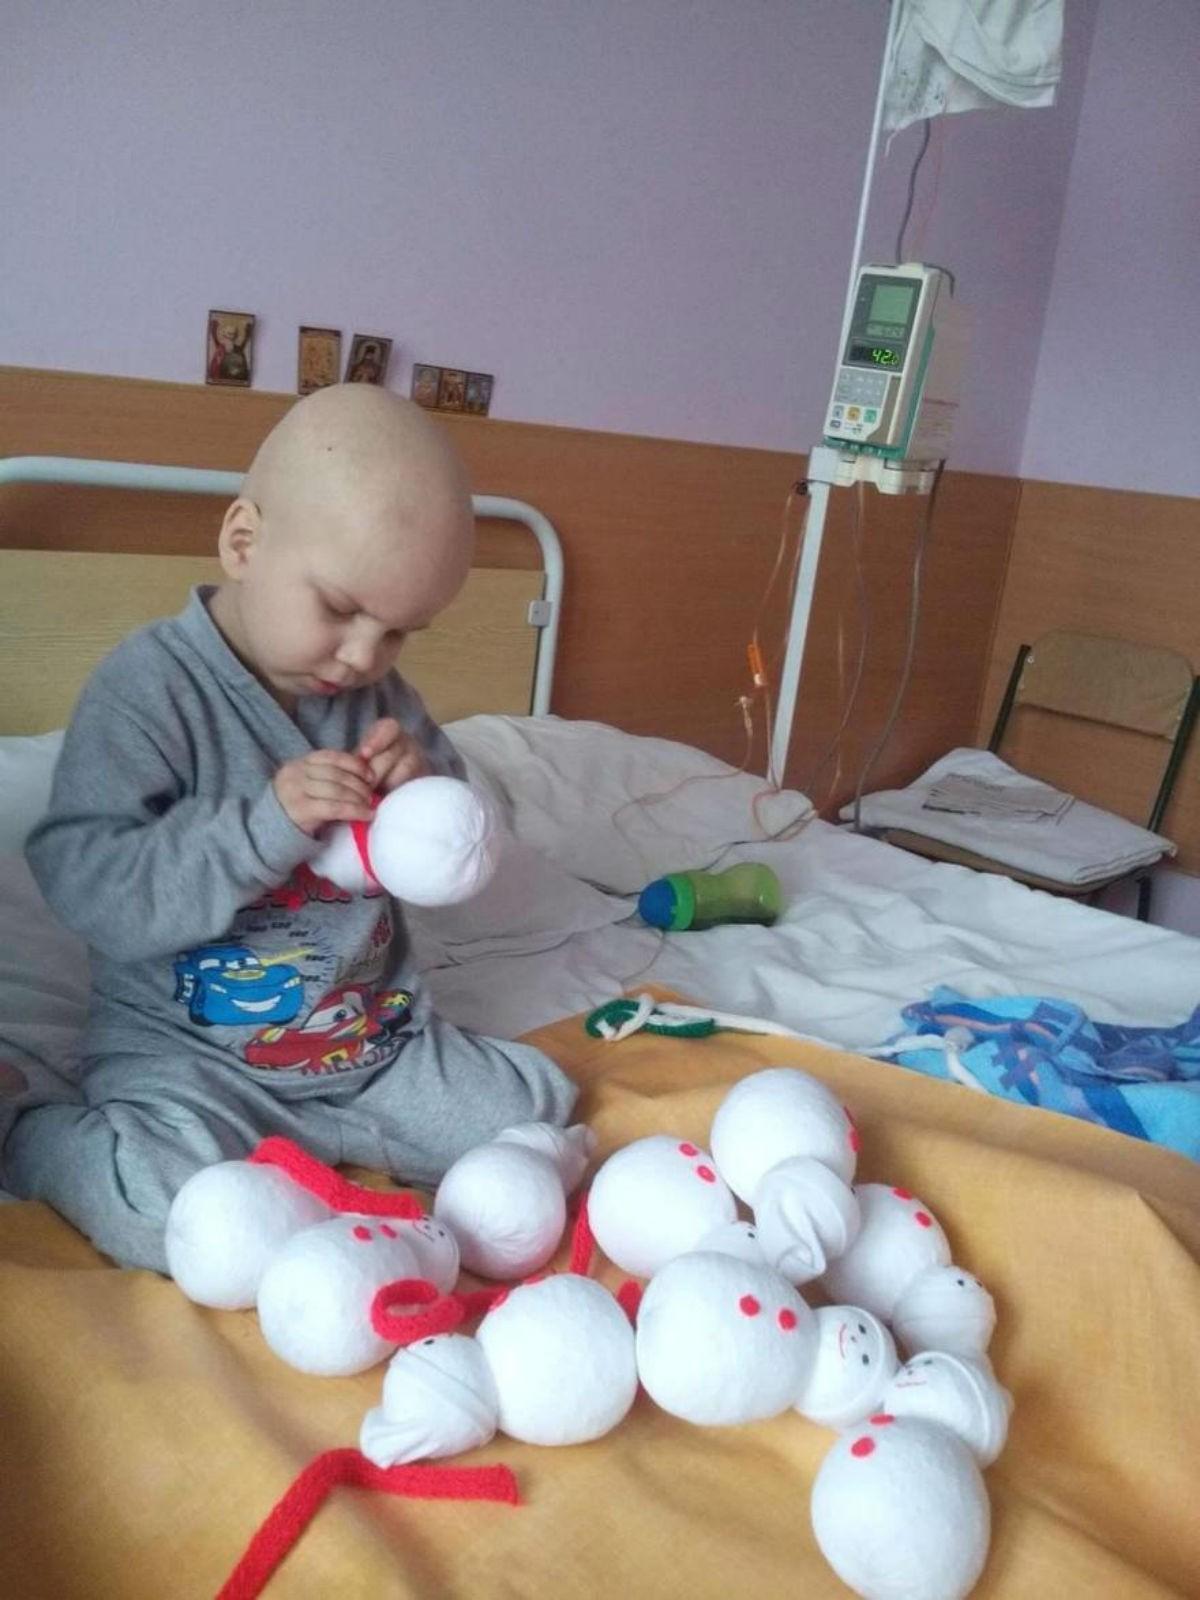 Чтобы заработать на лечение лейкоза, четырехлетний мальчик шил игрушечных снеговиков в больнице. Заказы поступали со всего мира